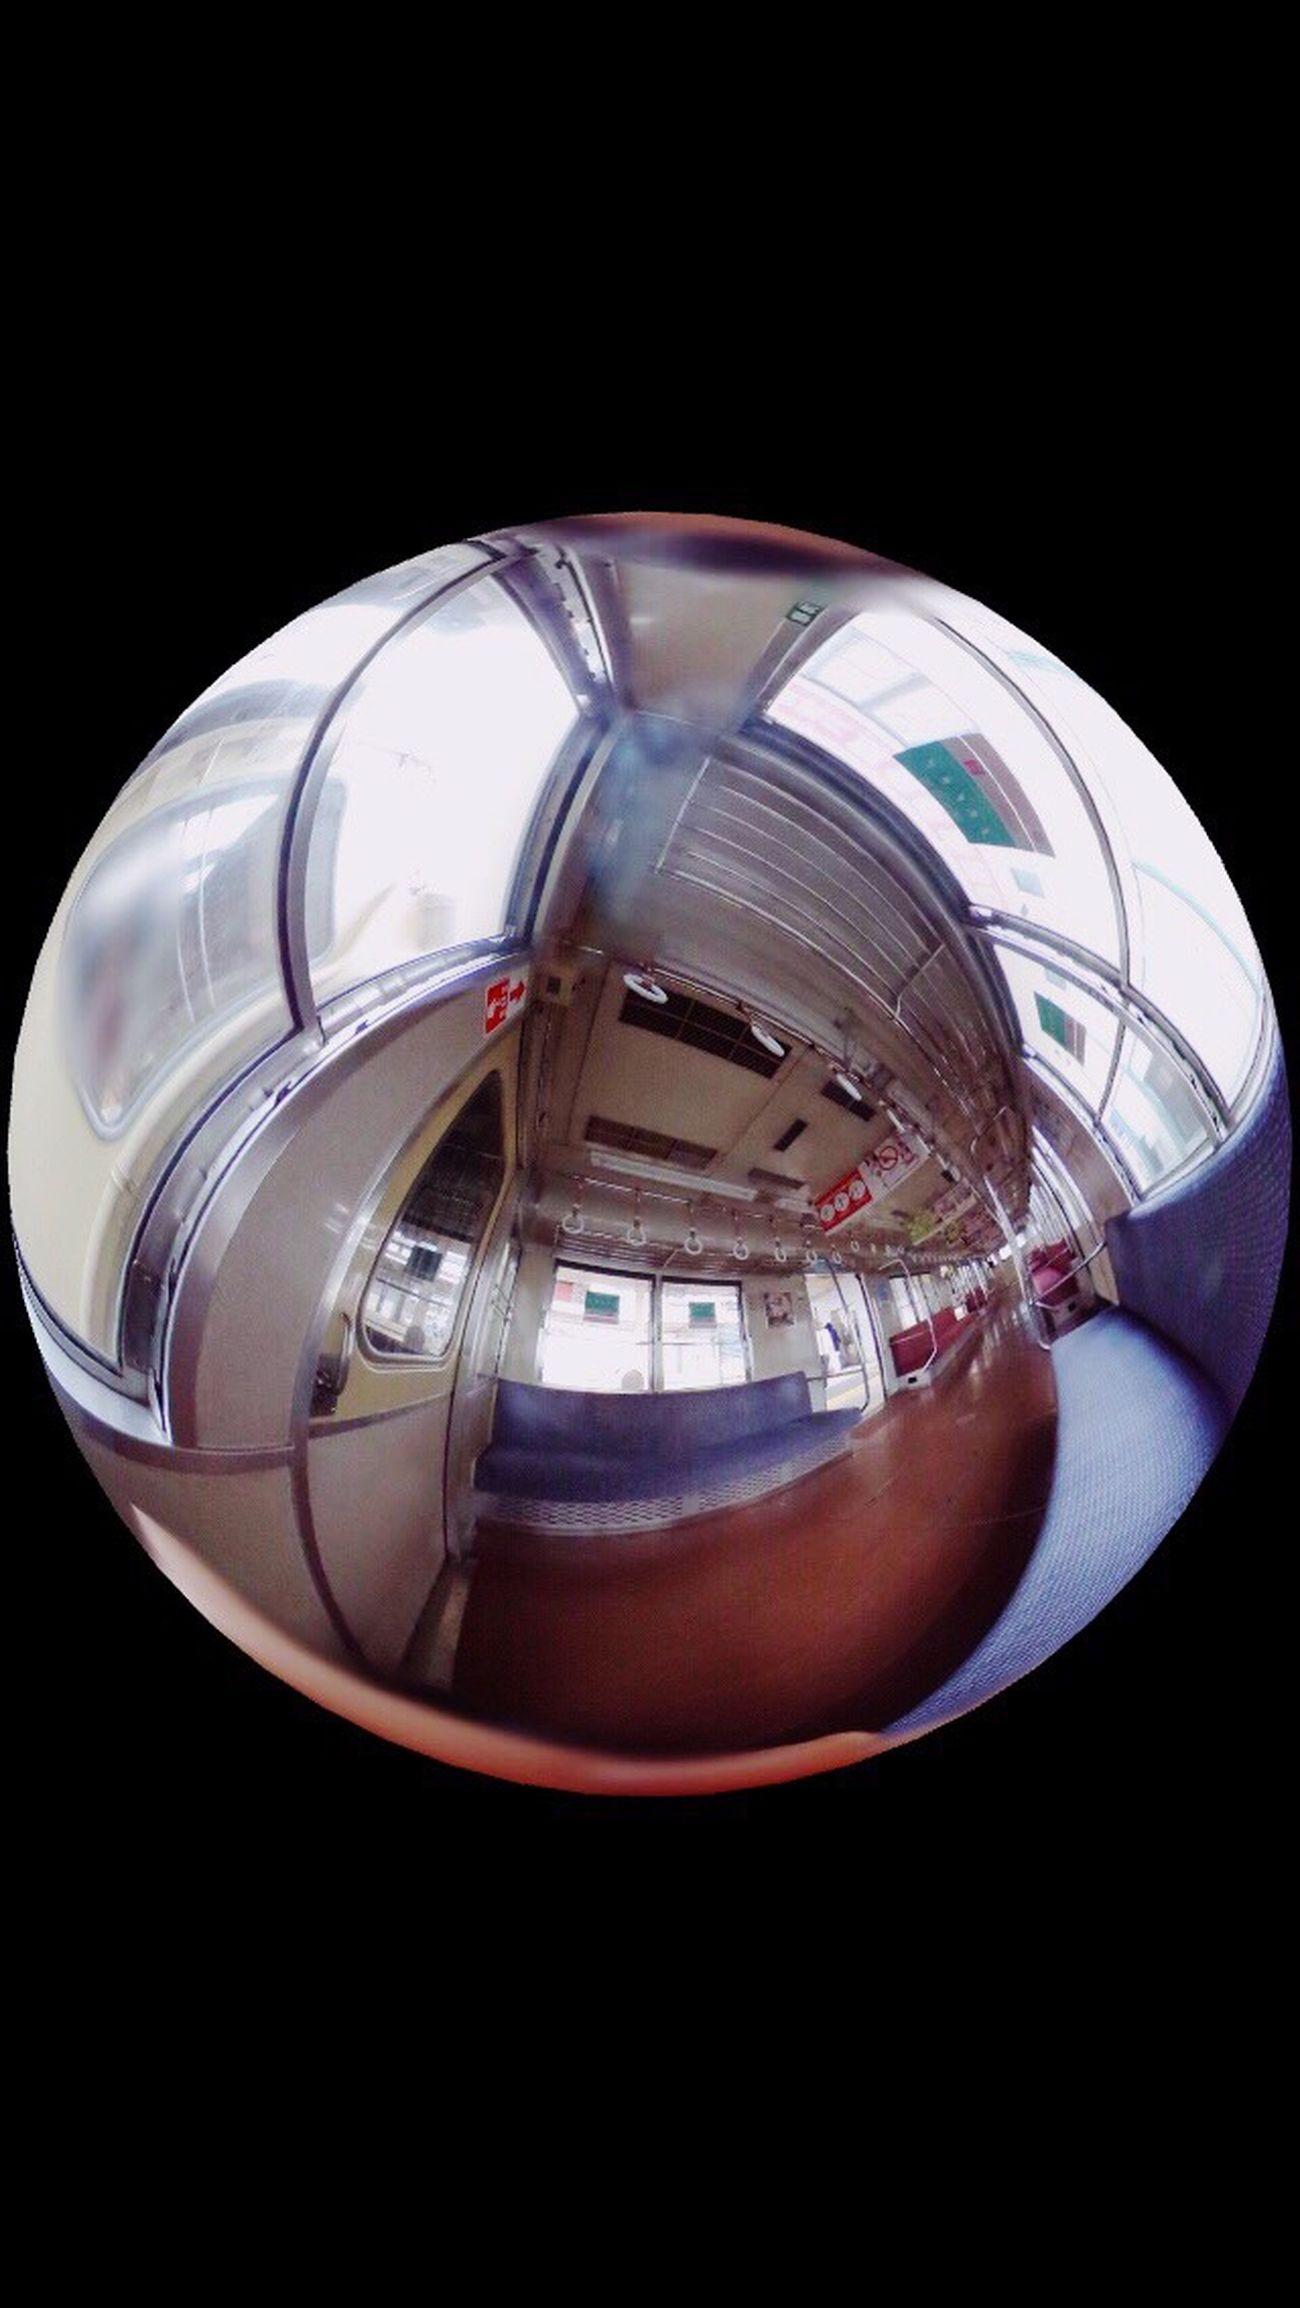 電車 帰宅途中 青春 帰り 写真好きさんと繋がりたい Ricohtheta 360°